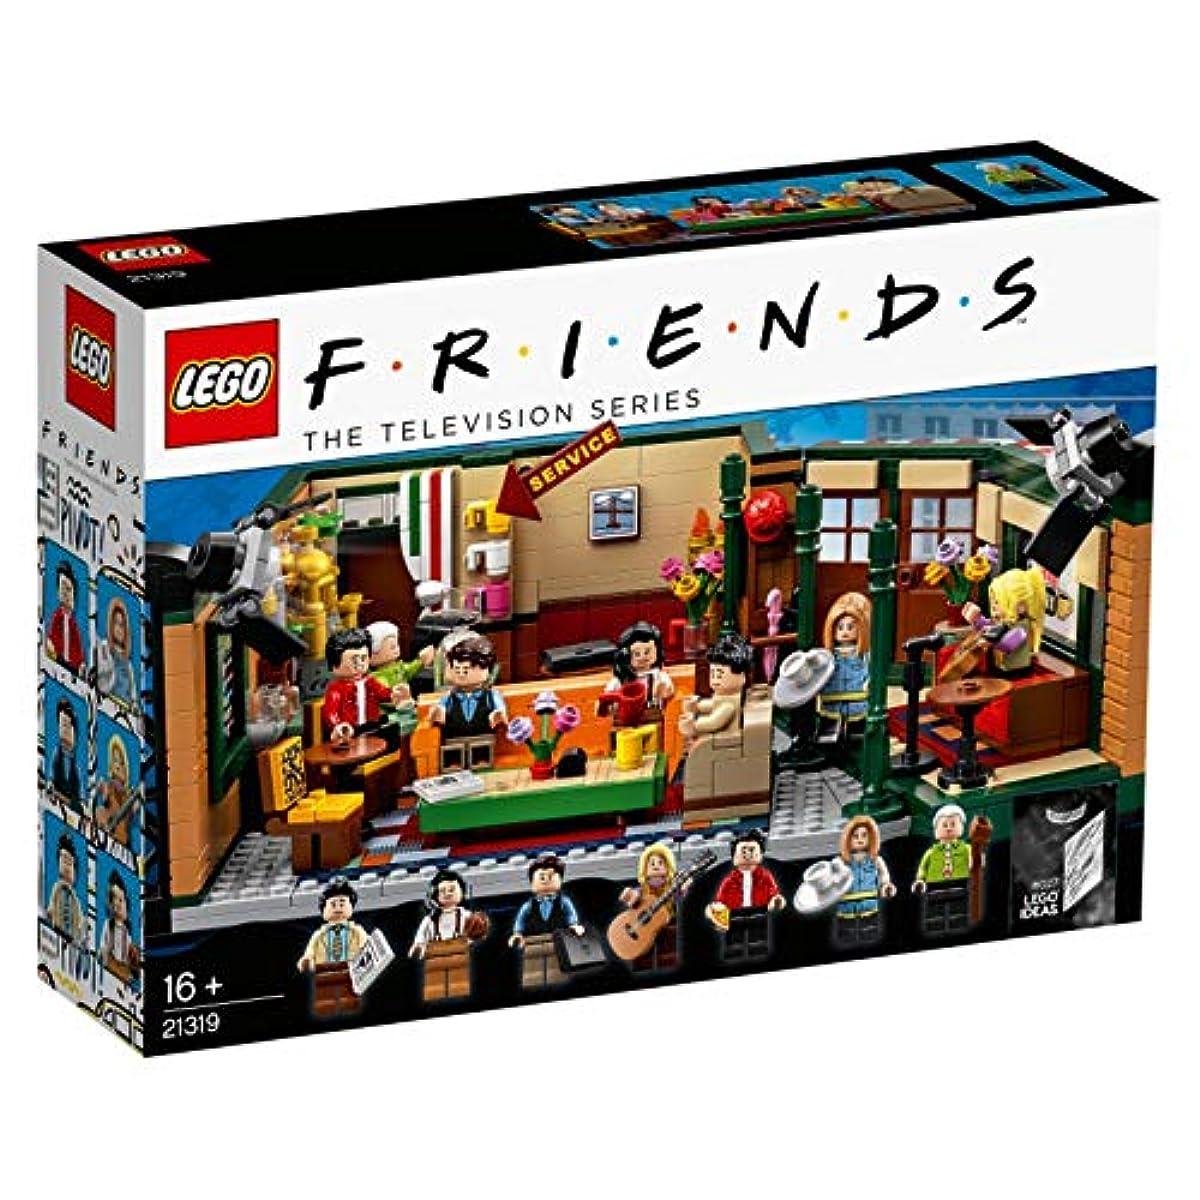 [해외] 레고 LEGO 아이디어 센트럴 파크 프렌즈(FRIENDS) 21319